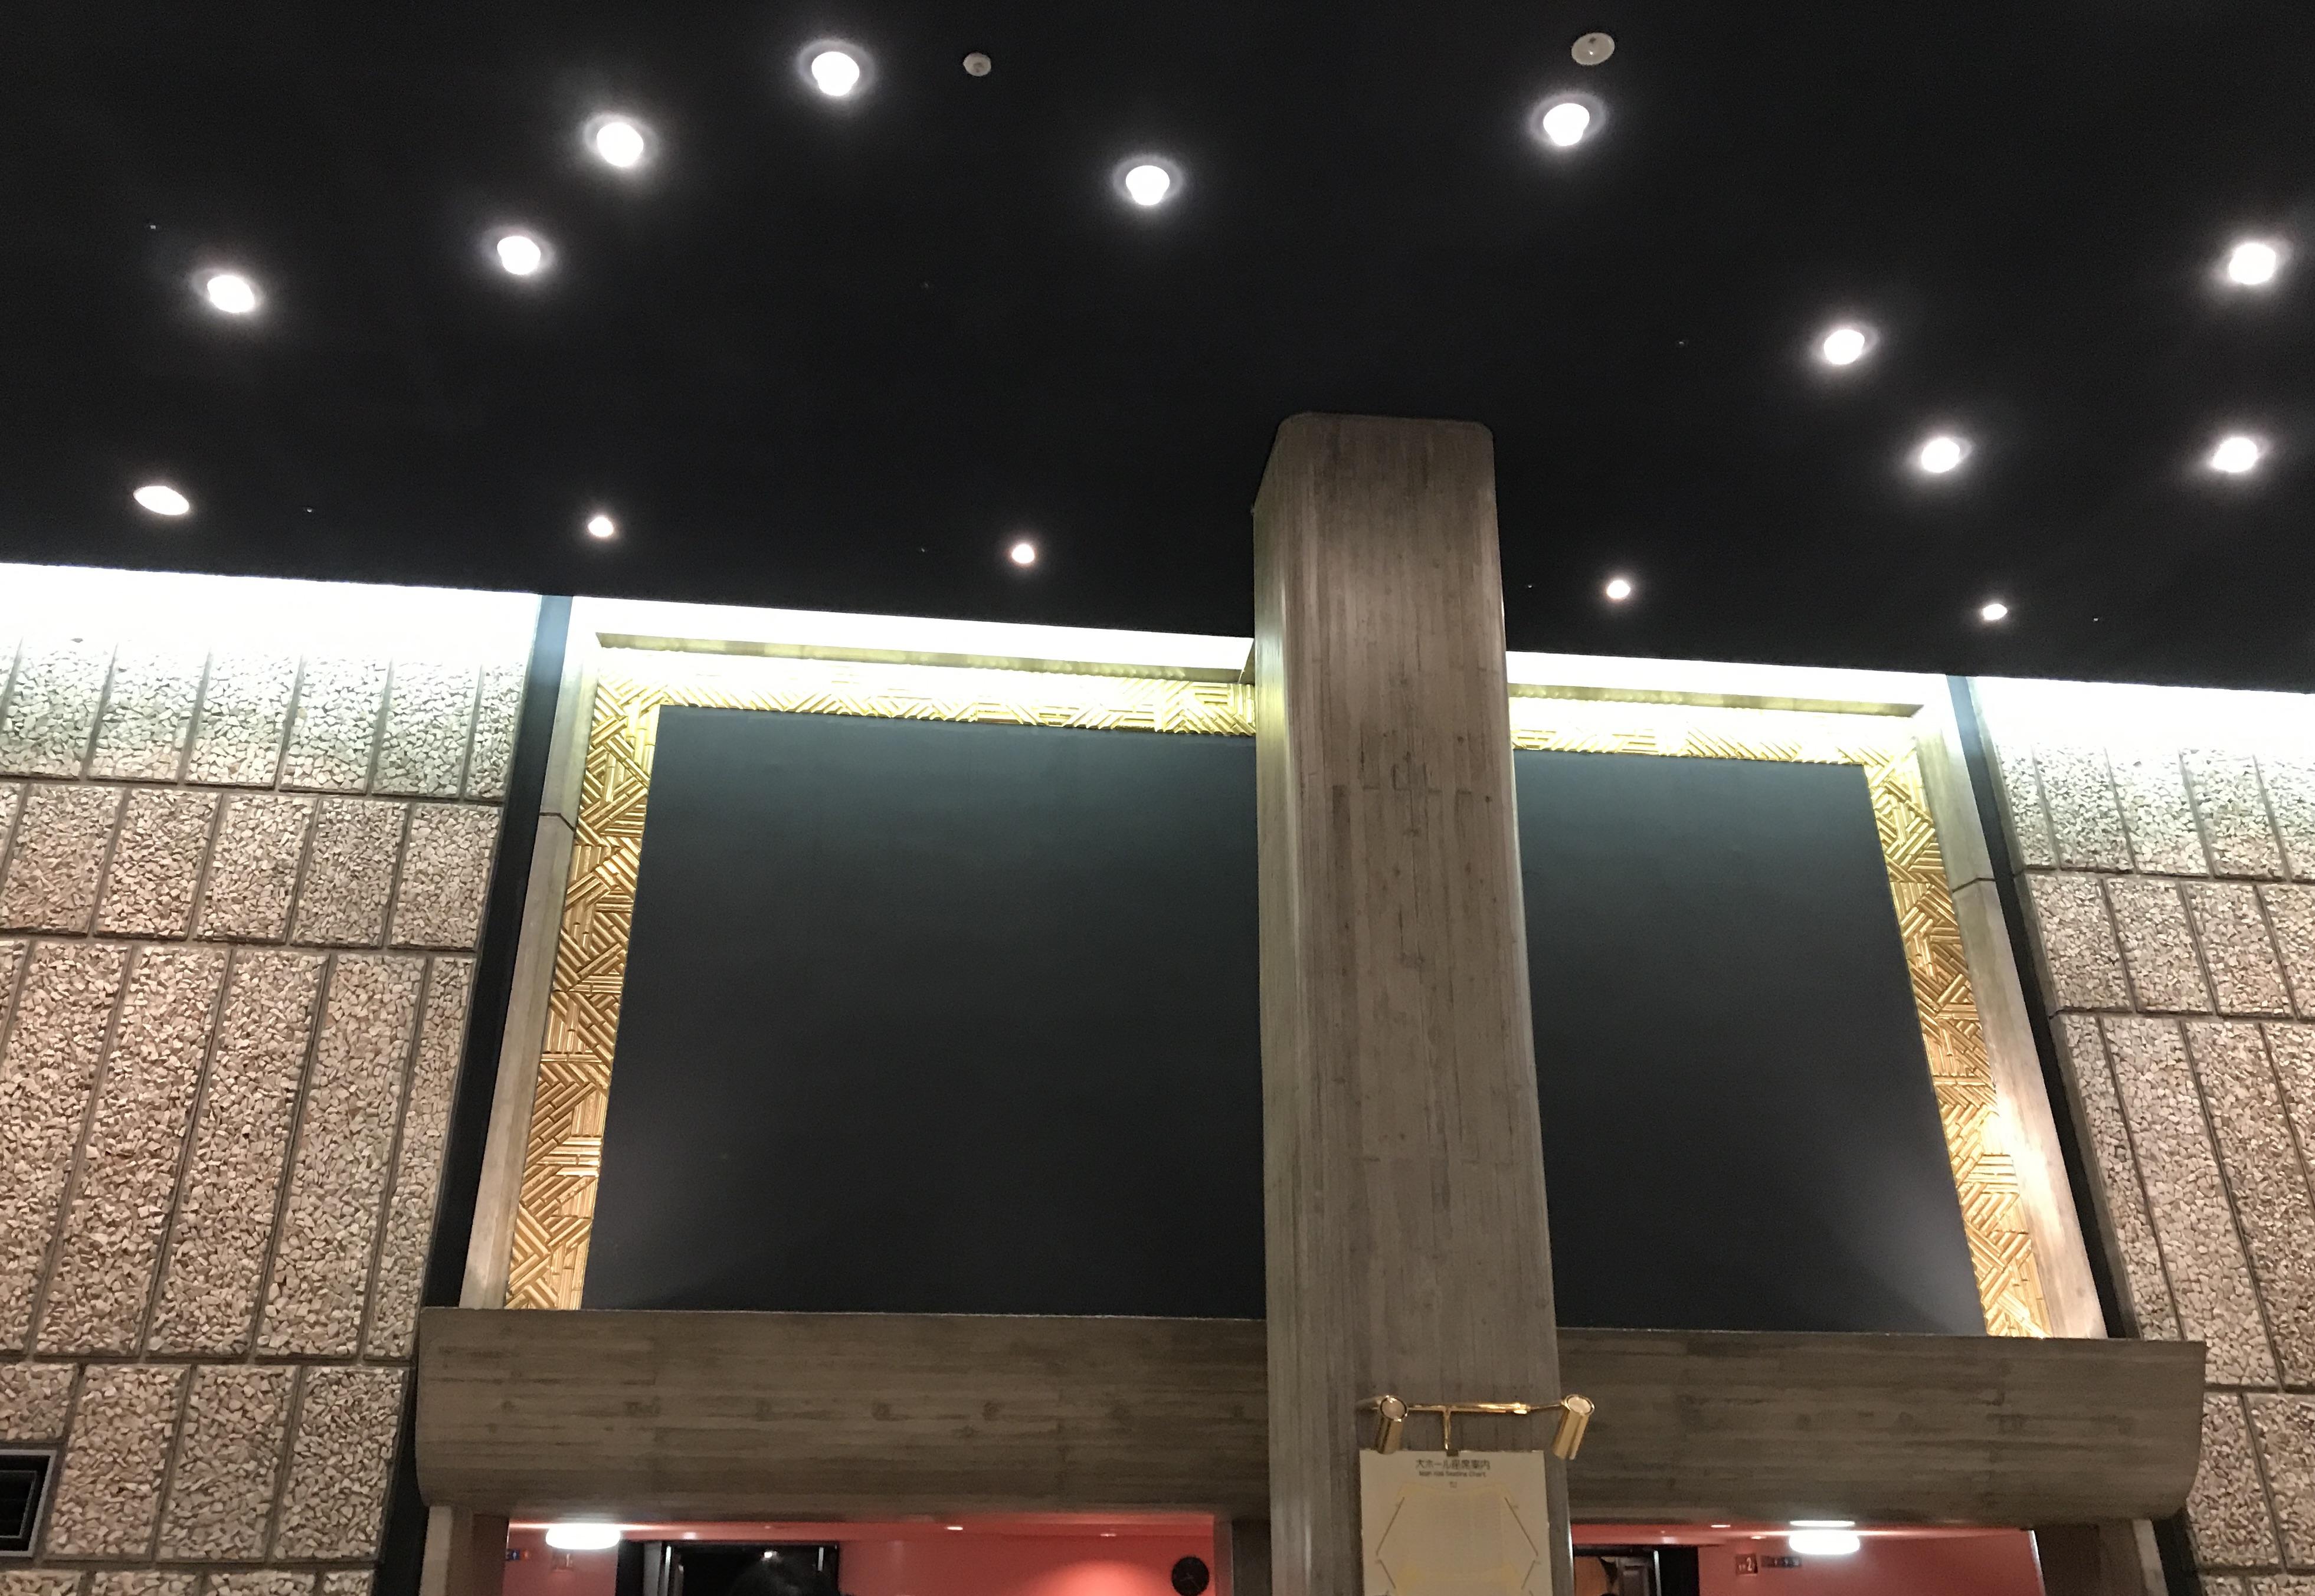 矢野顕子X上原ひろみ 「Tour 2017 ラーメンな女たち」〜ミッションど真ん中を生きてる人たち